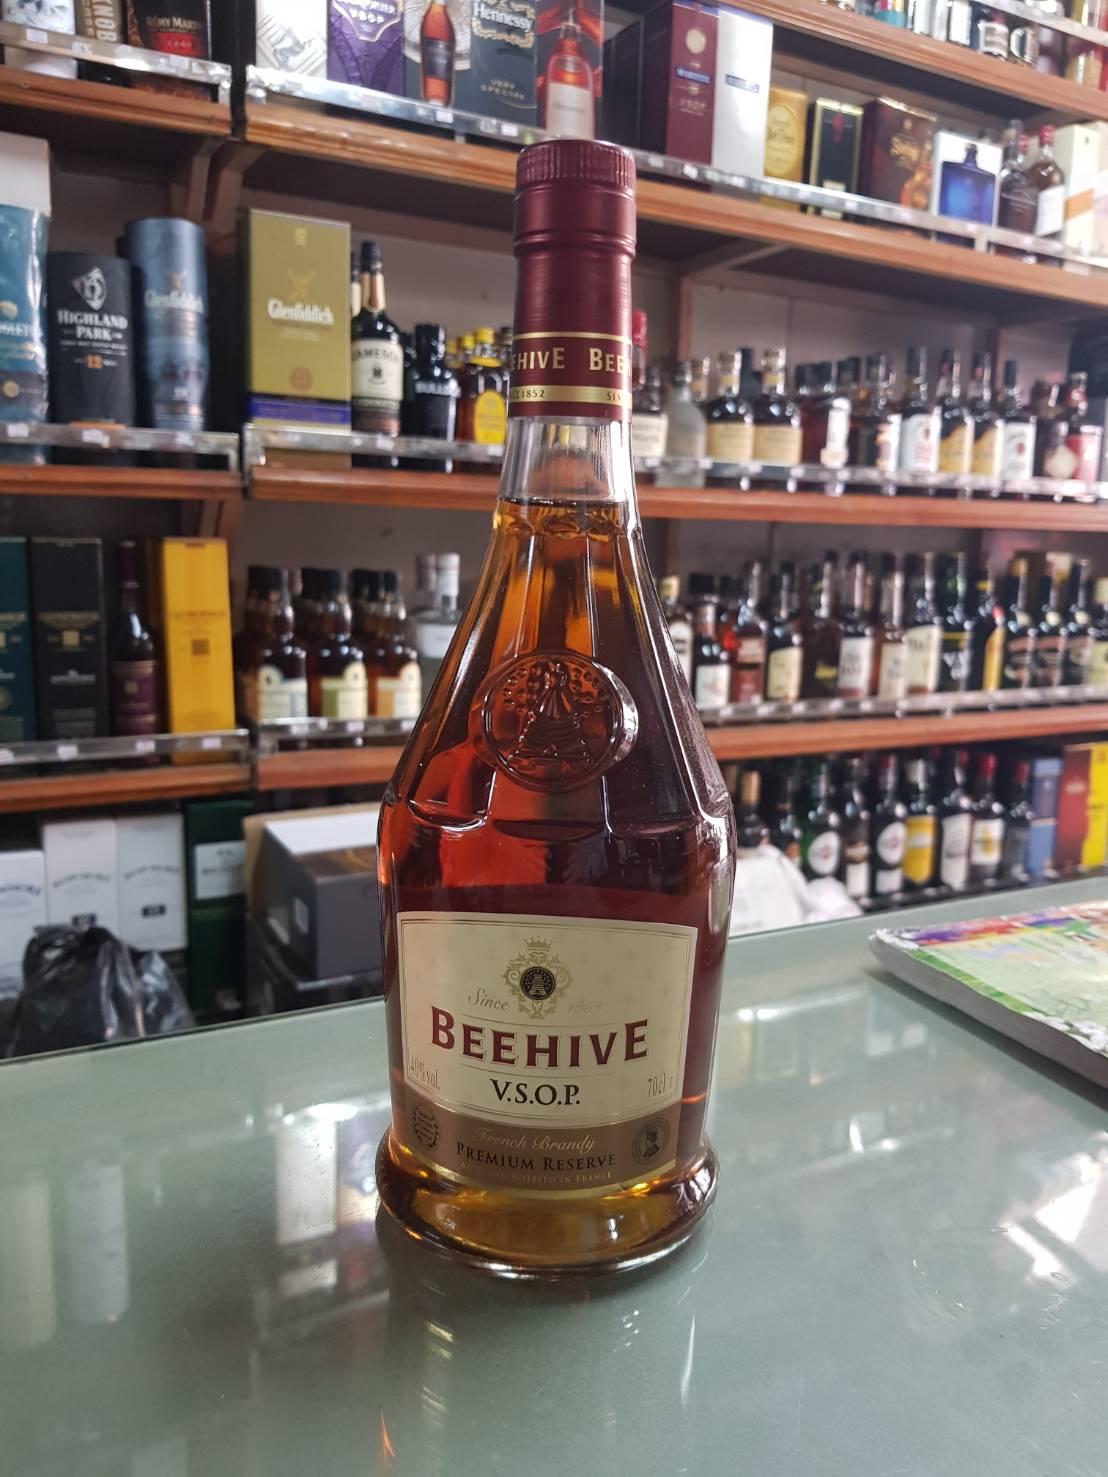 Beehive Vsop 75cl